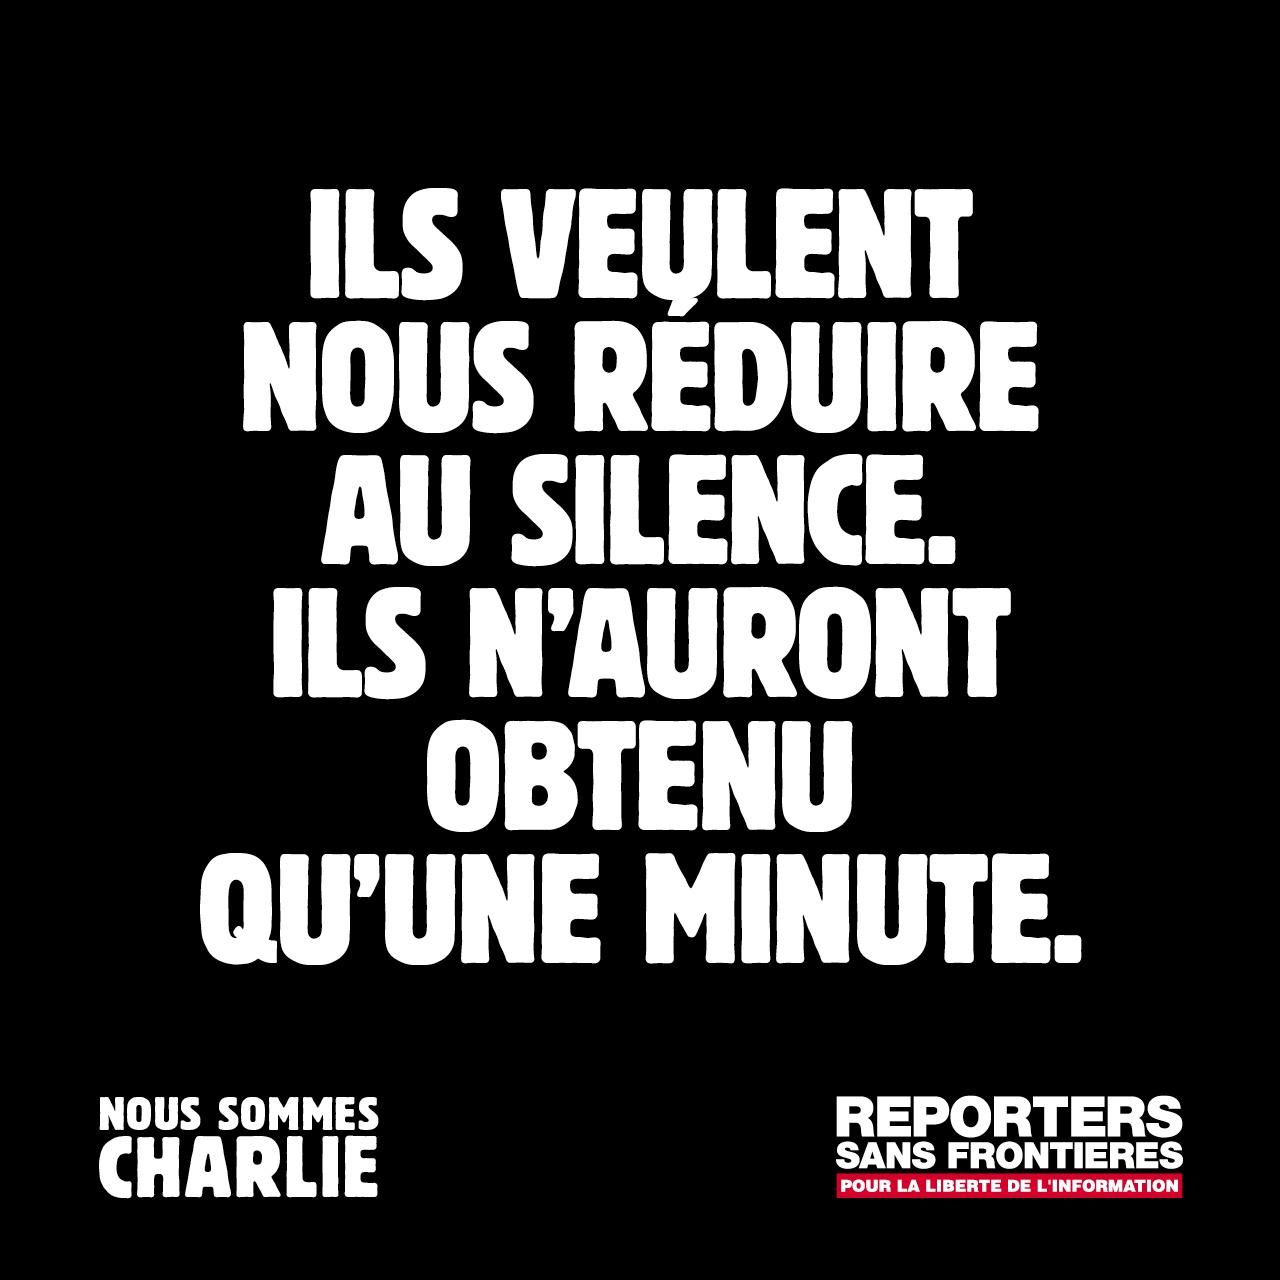 «Ils veulent nous réduire au silence. Ils n'auront obtenu qu'une minute» by RSF/BETC #thanks